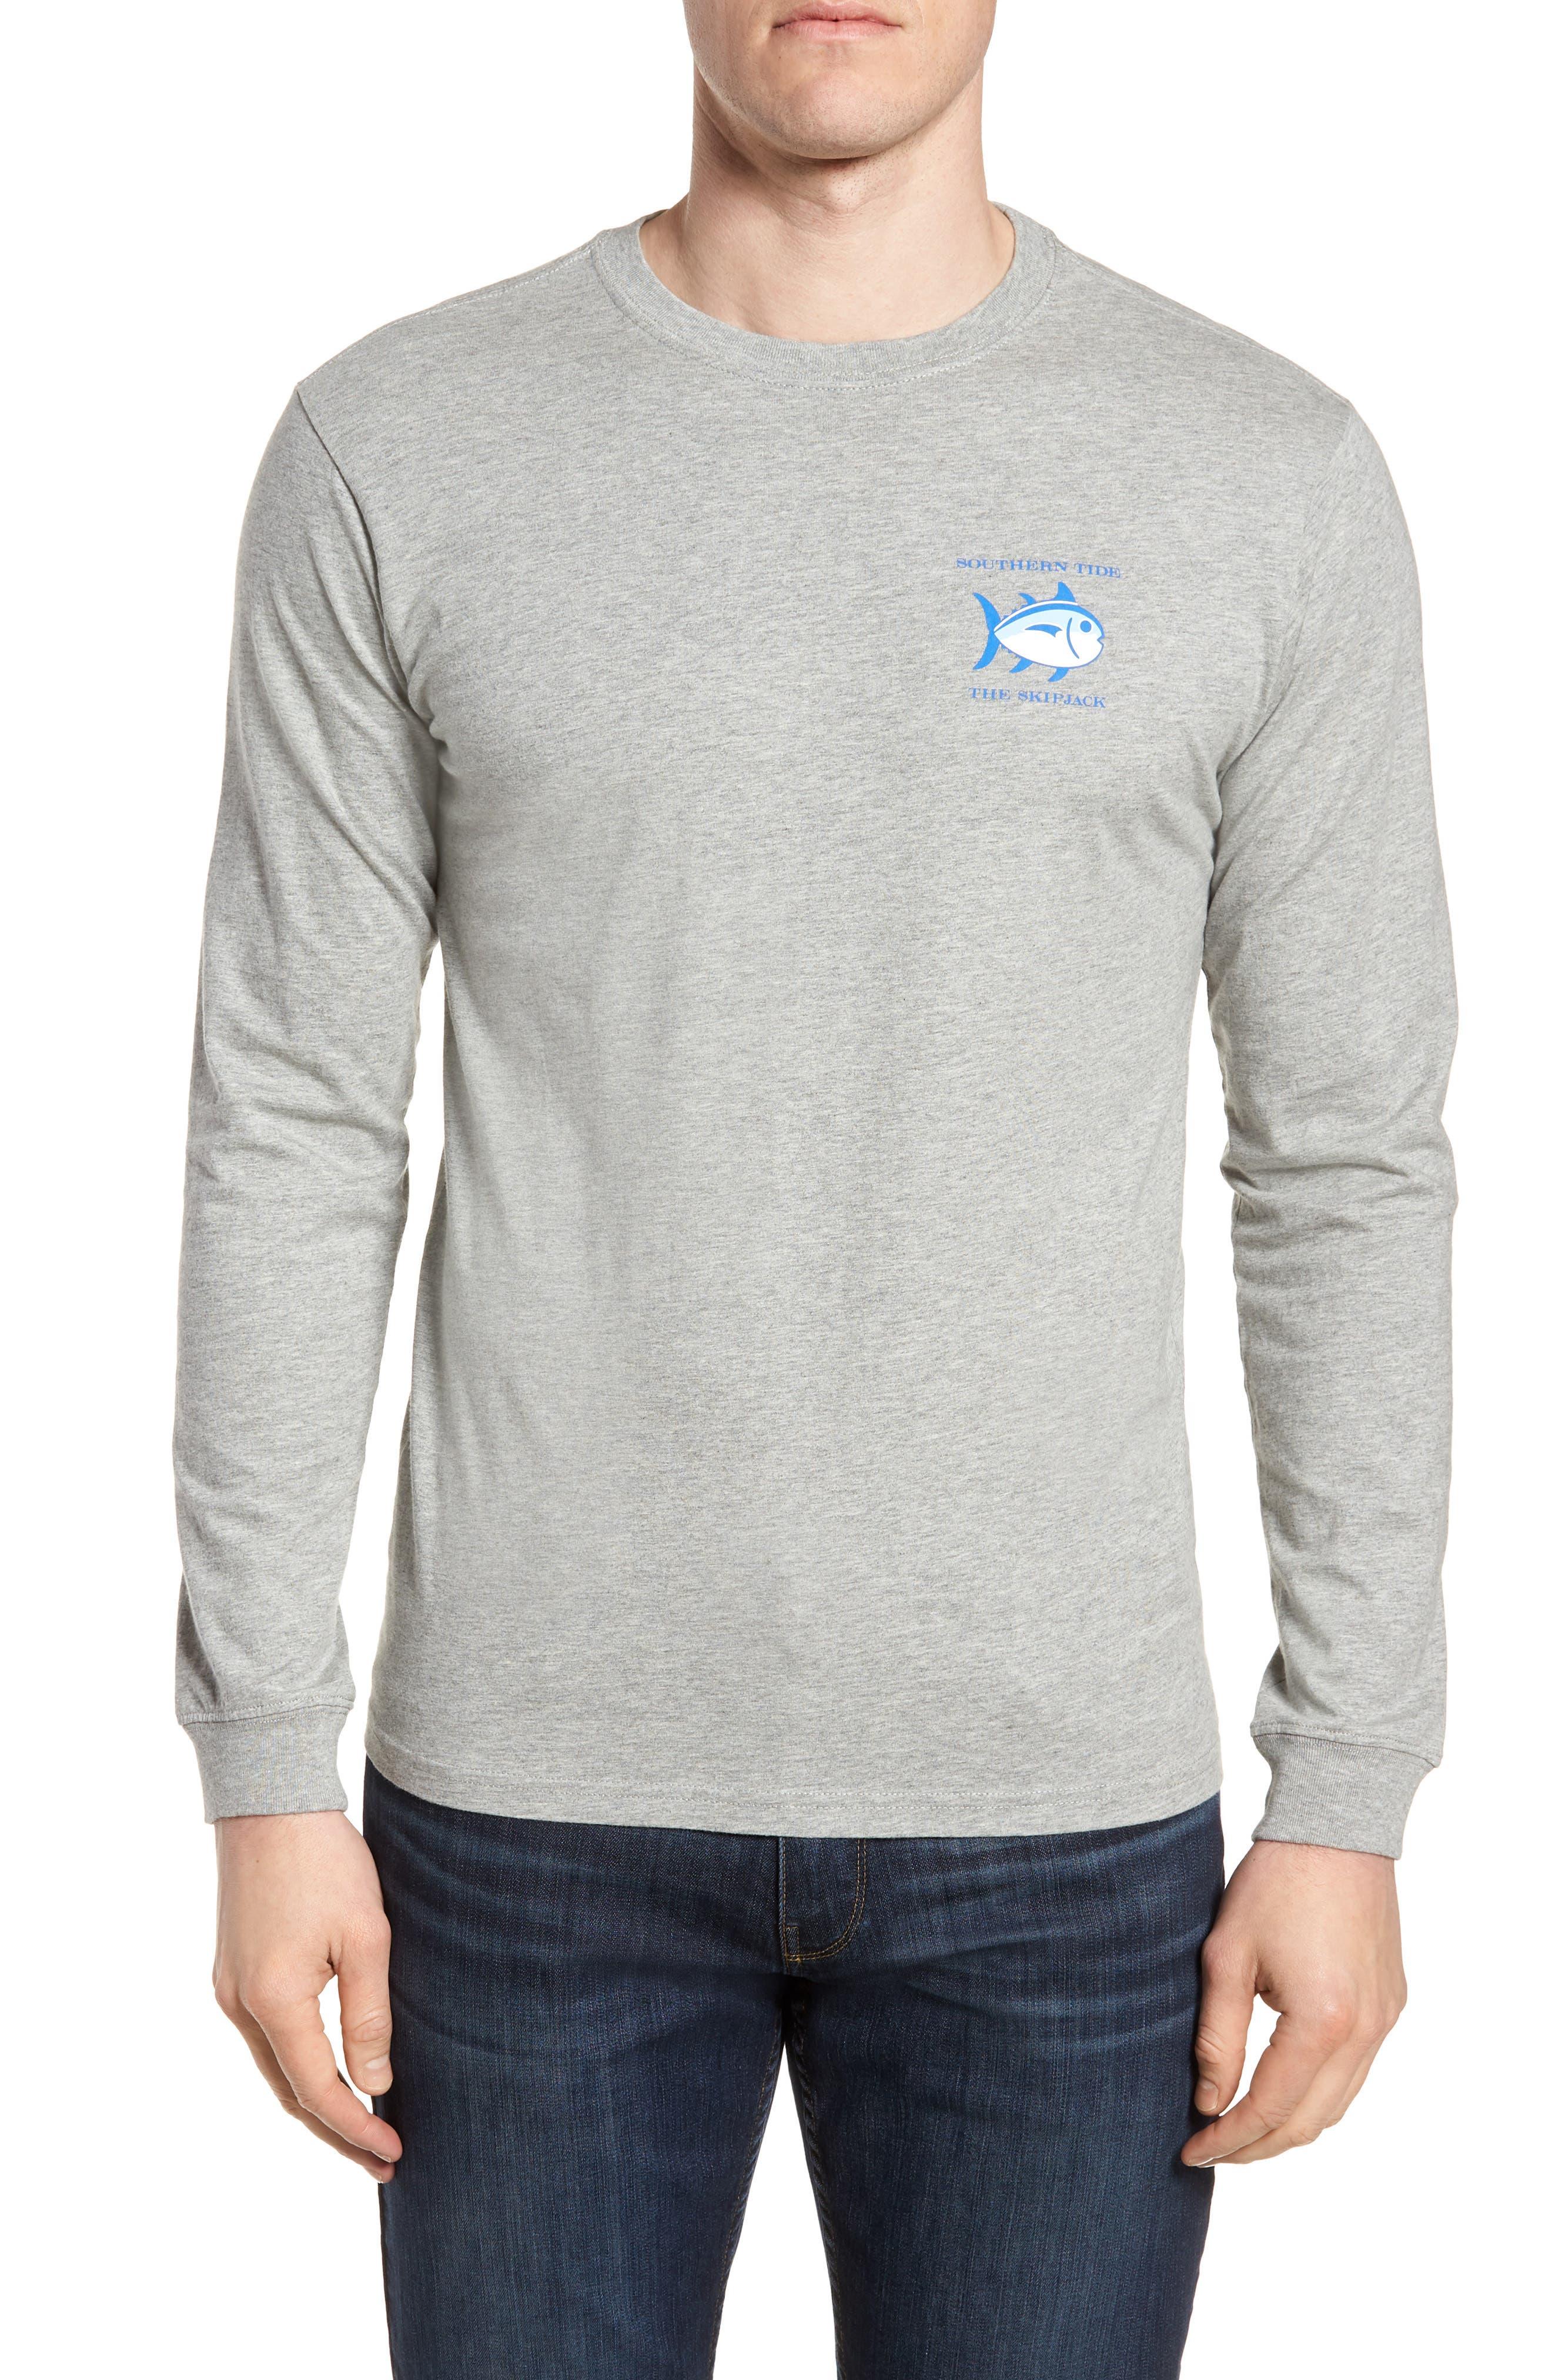 Original Skipjack T-Shirt,                             Main thumbnail 1, color,                             Grey